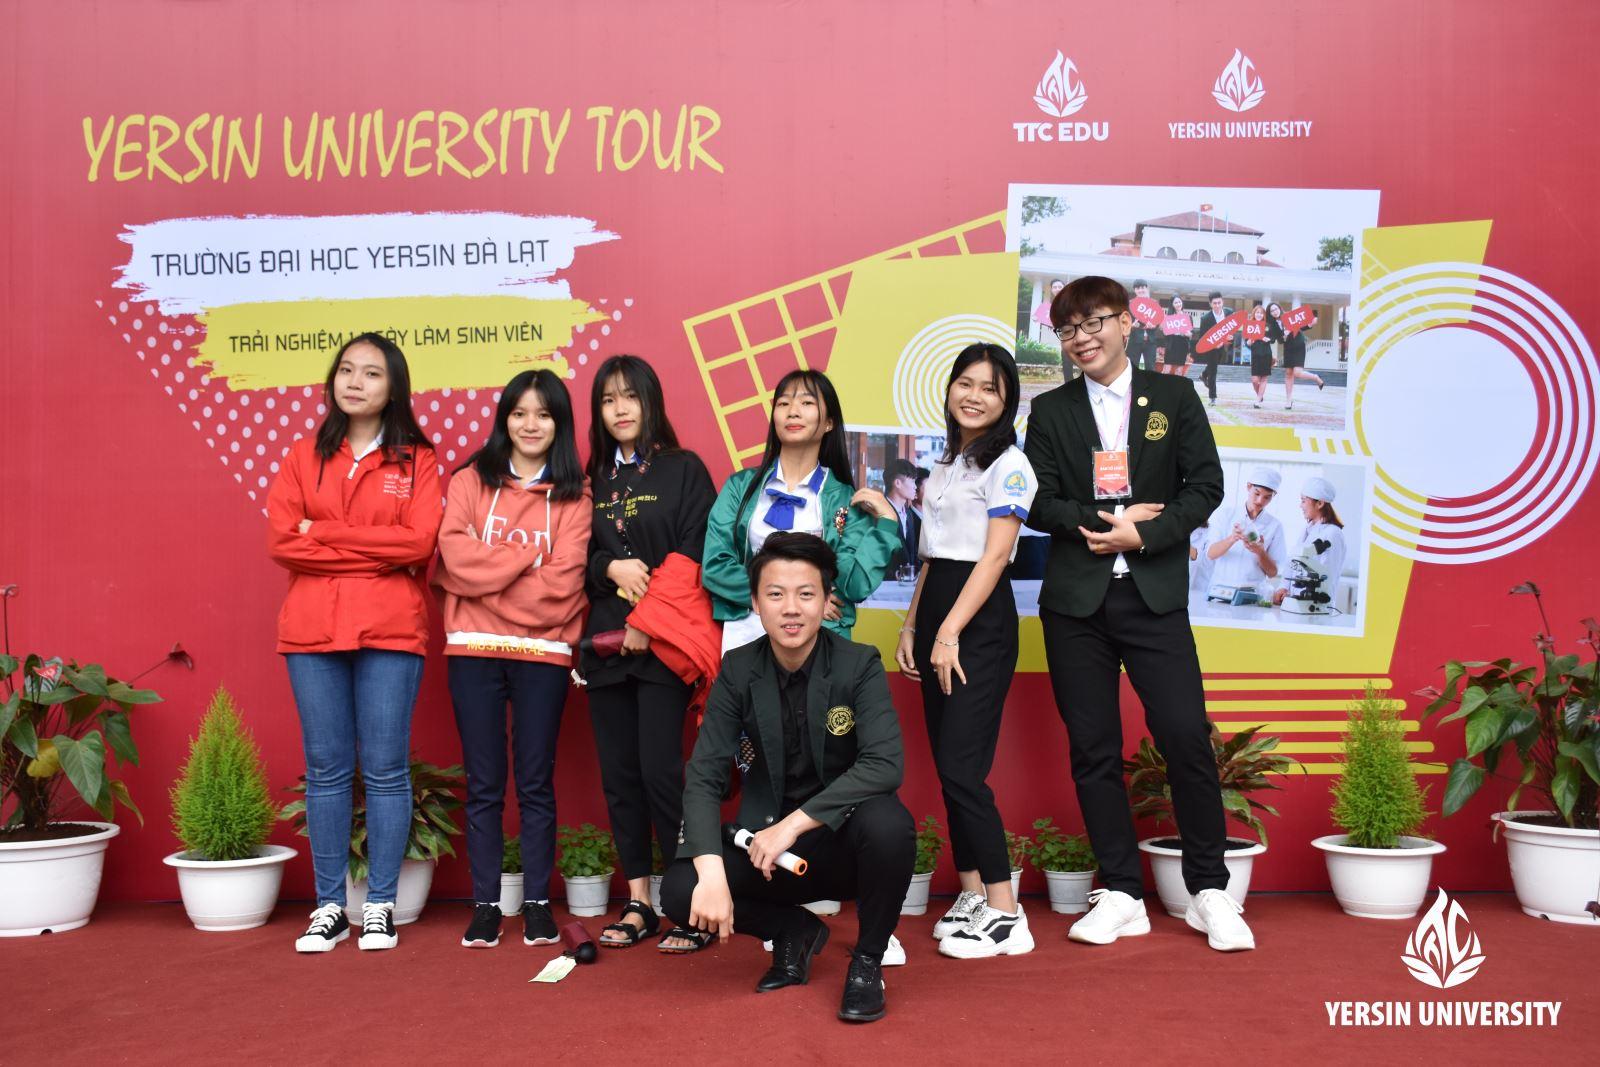 Yersin University Tour